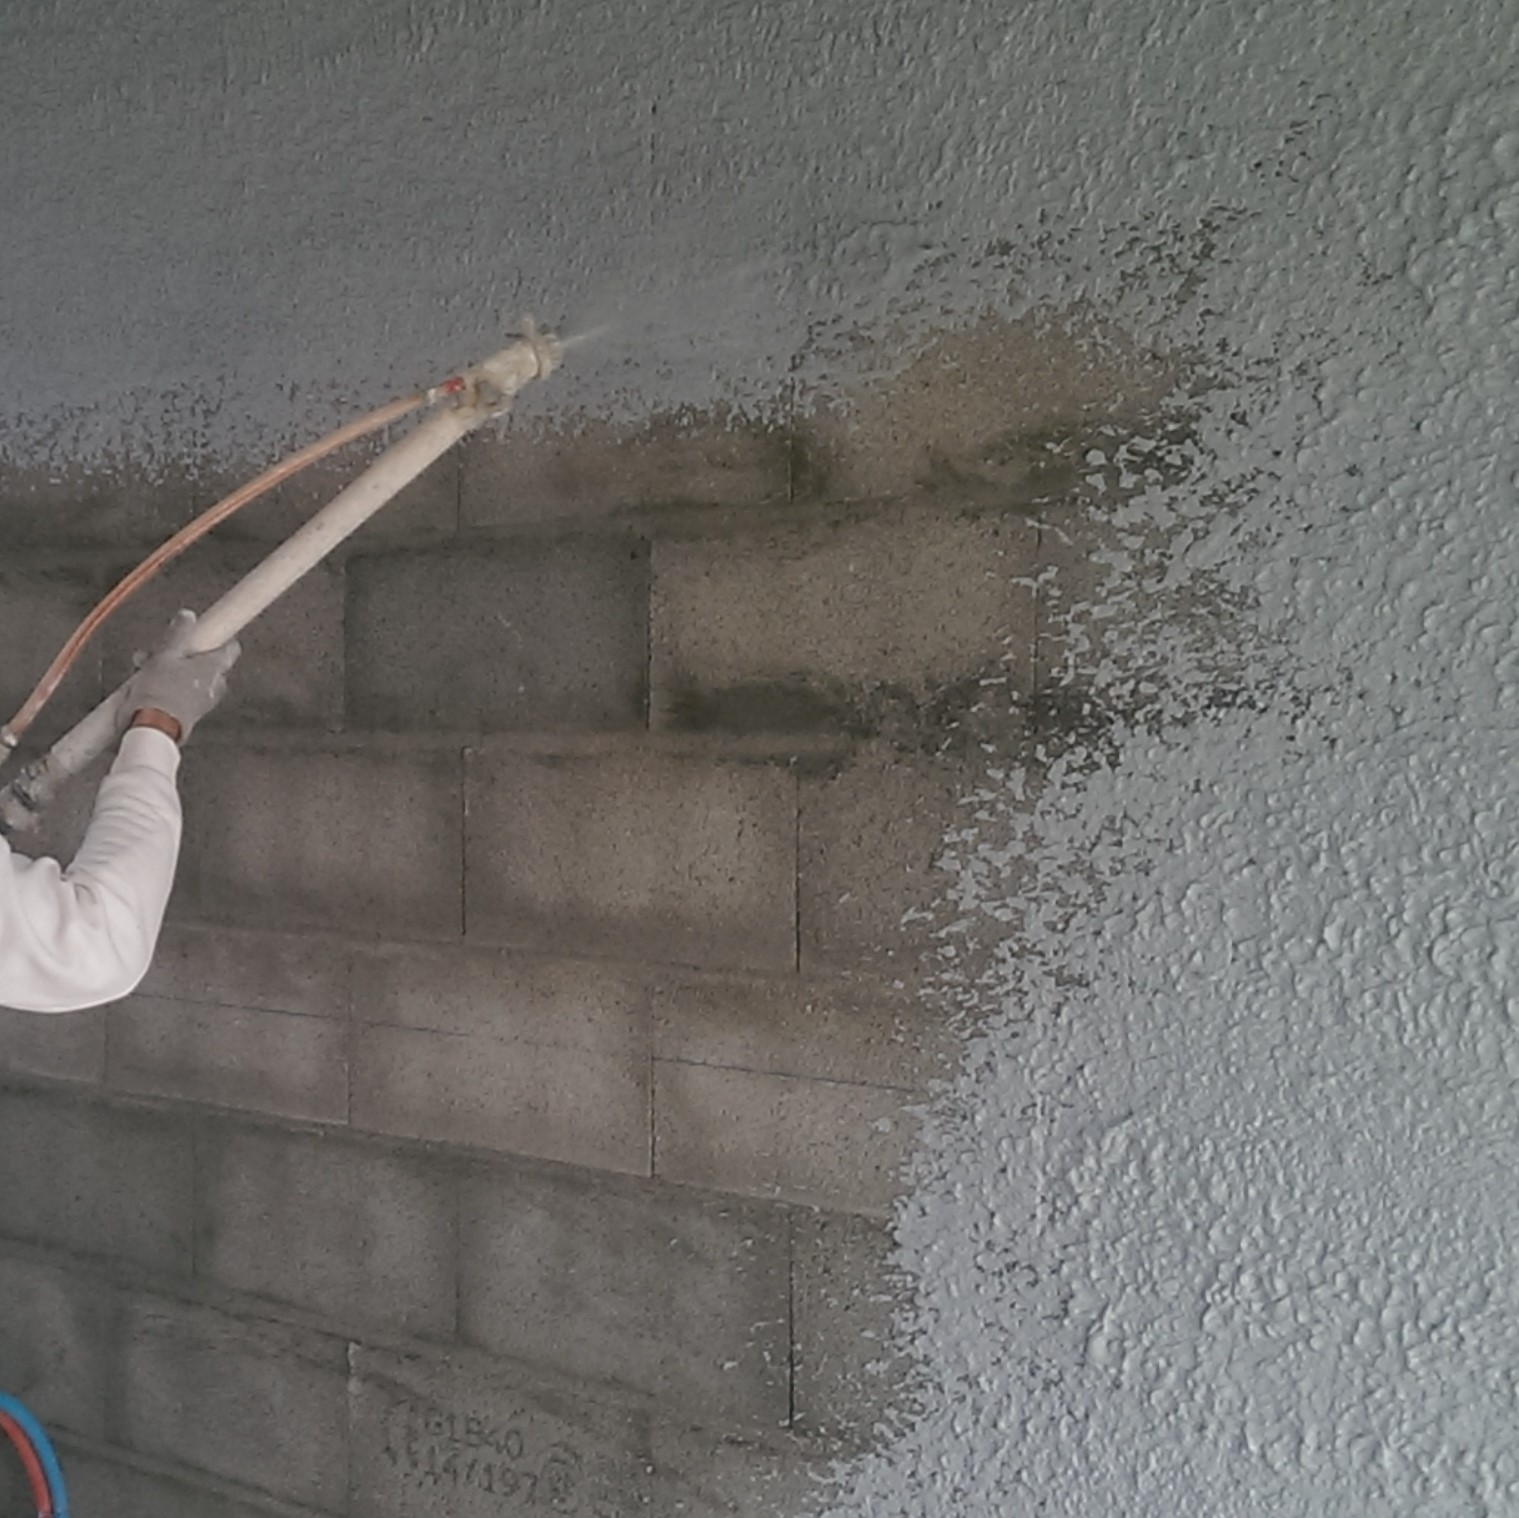 L'étanchéité à l'air par la projection d'Aéroblue, efficace, haute performance thermiquel l'aéroblue est le procéder idéale pour une maison conforme aux règlementation thermique et de permabilité à l'air BOSSARD est formé et applique se produit étanche en maison neuve aux nouvelles réglementations RT2012 Aéroblus de marque PLACOPLATRE est fiable BOSSARD à Moncoutant intervient à Bressuire Parthenay Cholet Chanteloup Terves Saint Sauveur Beaulieu Champdeniers Secondigny Clessé Boismé la châtaigneraie Saint Pierre du Chemin Chiché Chanteloup Terves Cerizay Le pin Mauléon Cholet La petite Boissière la chapelle saint laurent Pugny Le Breuil Bernard Saint jouin de Milly La forêt sur sèvre Beaulieu Noirterre Saint Sauveur Faye L'abbesse La ronde Saint Marsault Le Breuil Barré 85, 79, 44